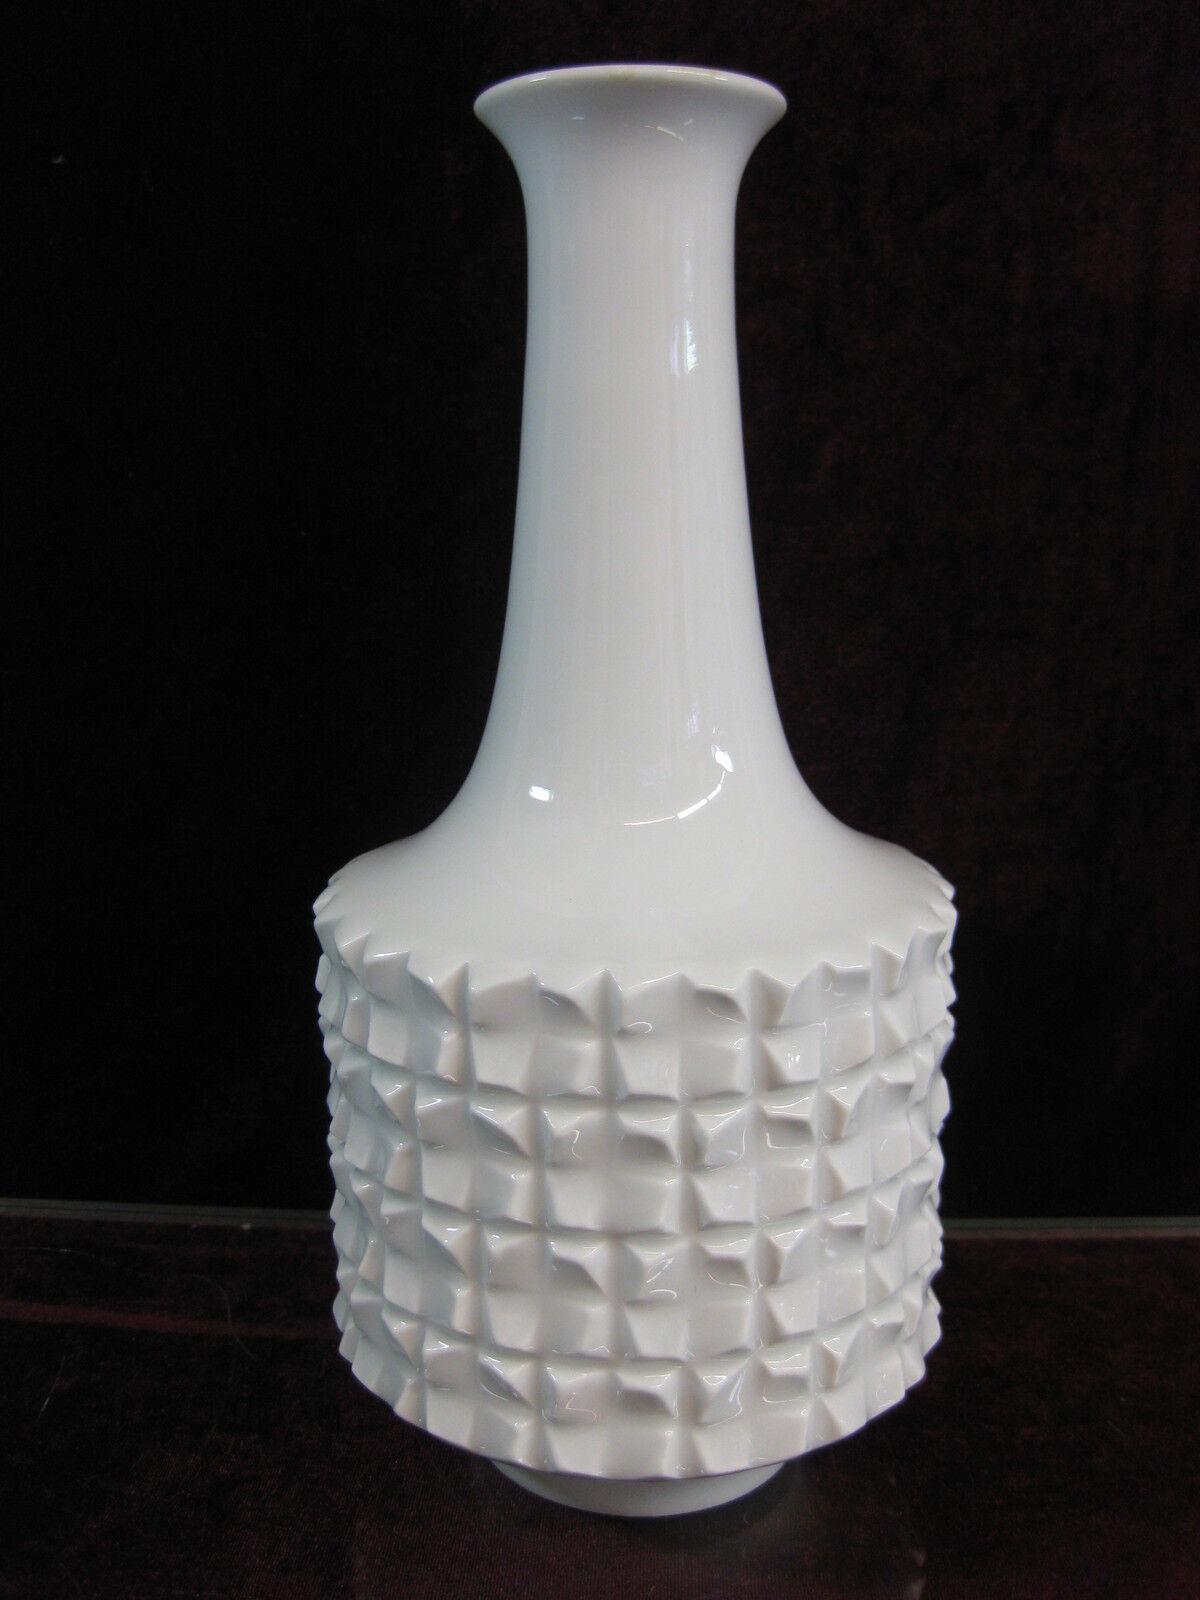 Meissen weiß Vase unbeschädigt  Top Erhaltung Erhaltung Erhaltung 1 Wahl Vintage 1970 Design a19666